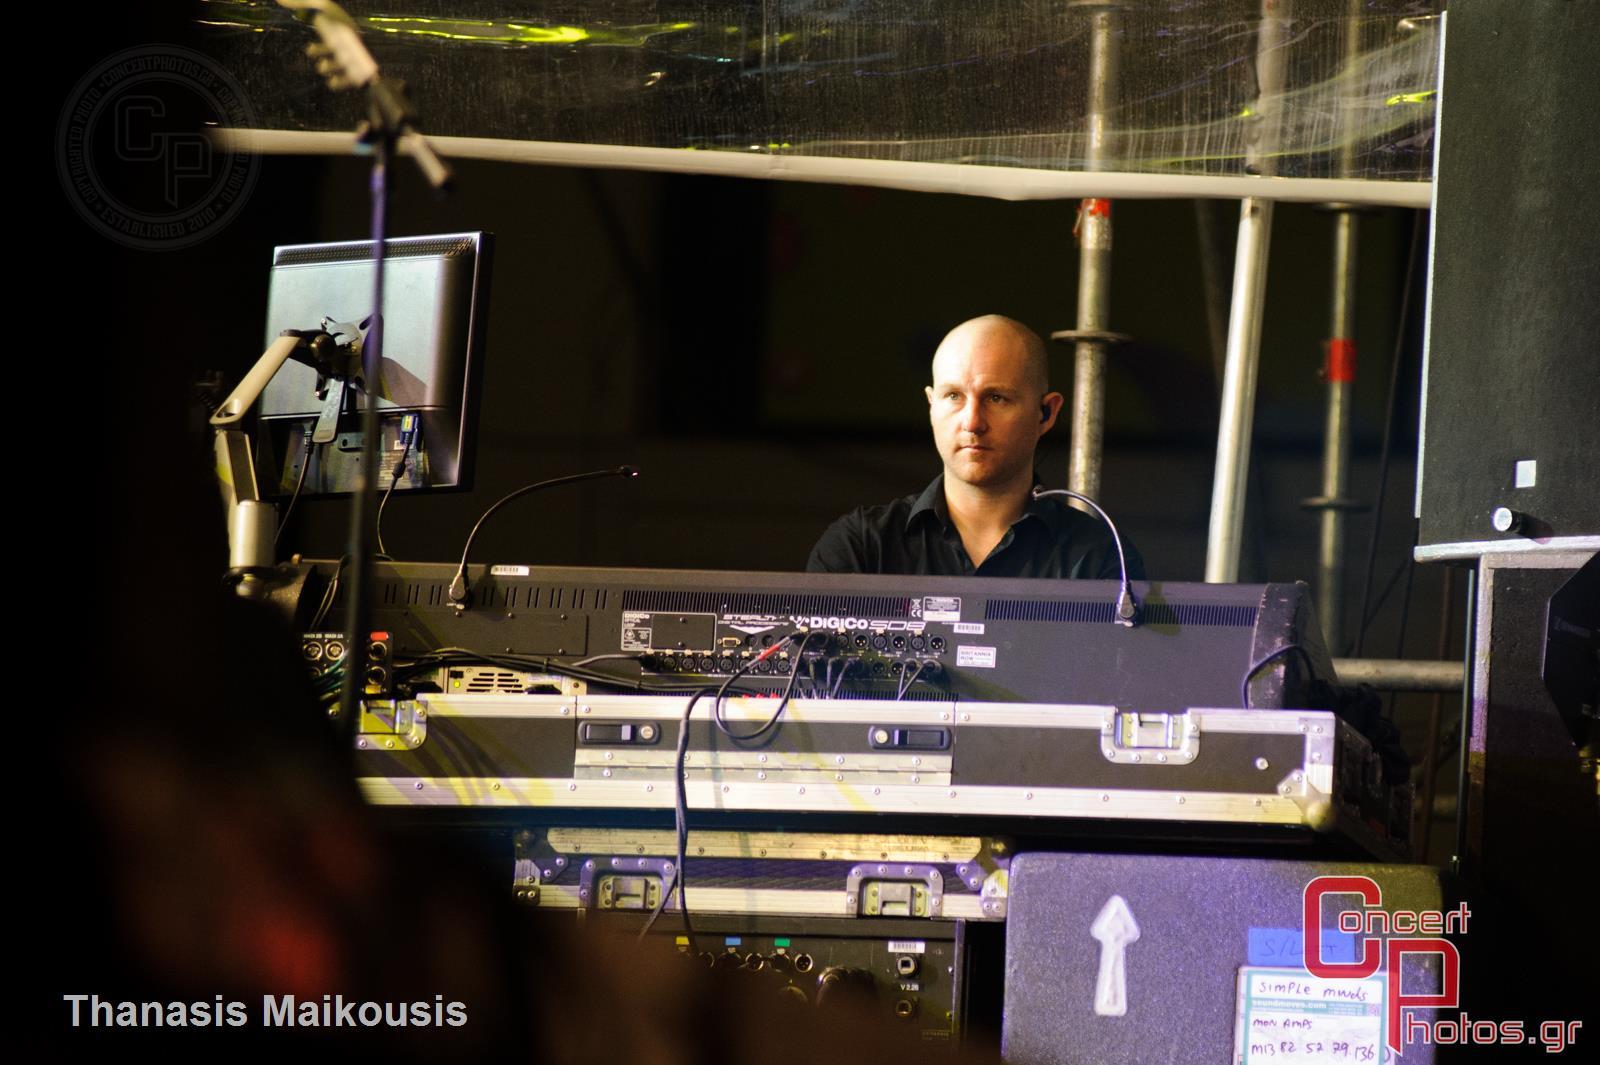 En Lefko 2014-En Lefko 2014 photographer: Thanasis Maikousis - concertphotos_20140621_00_10_11